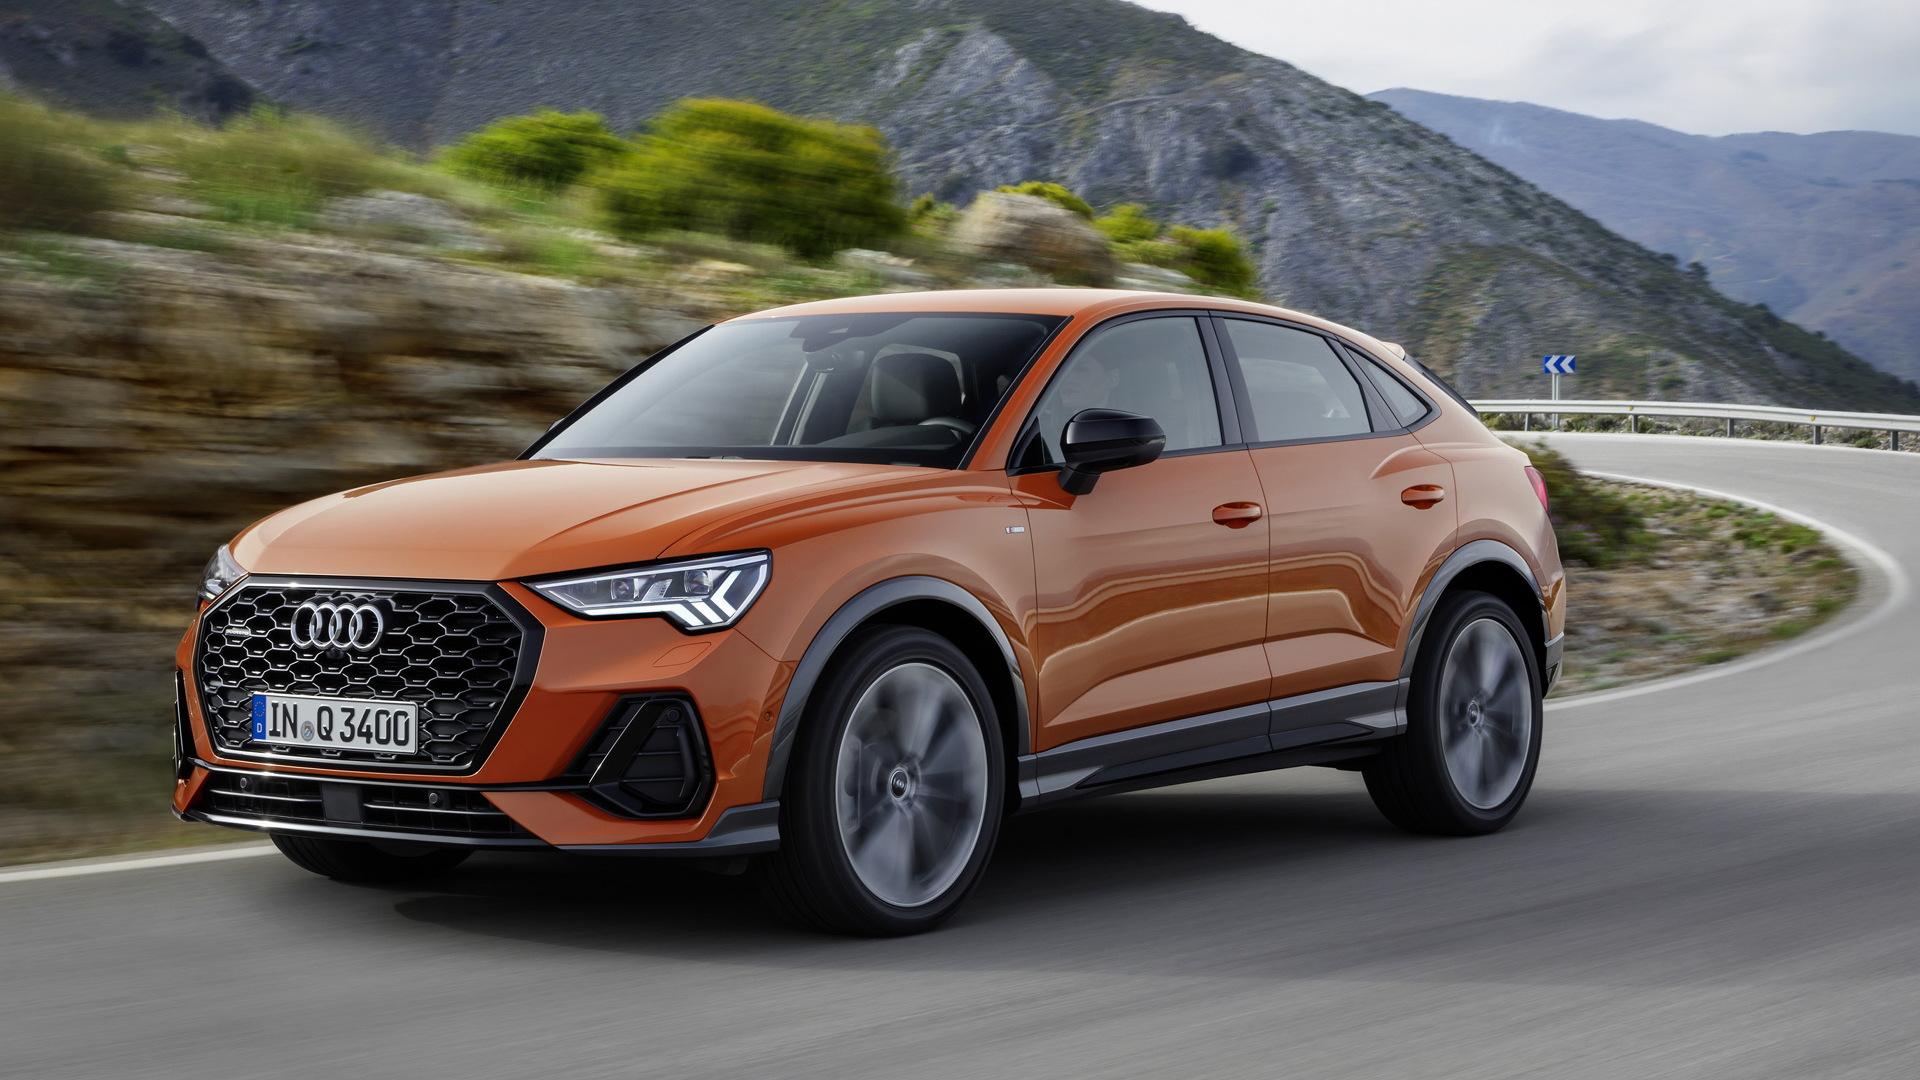 2020 Audi Q3 Usa Release Date